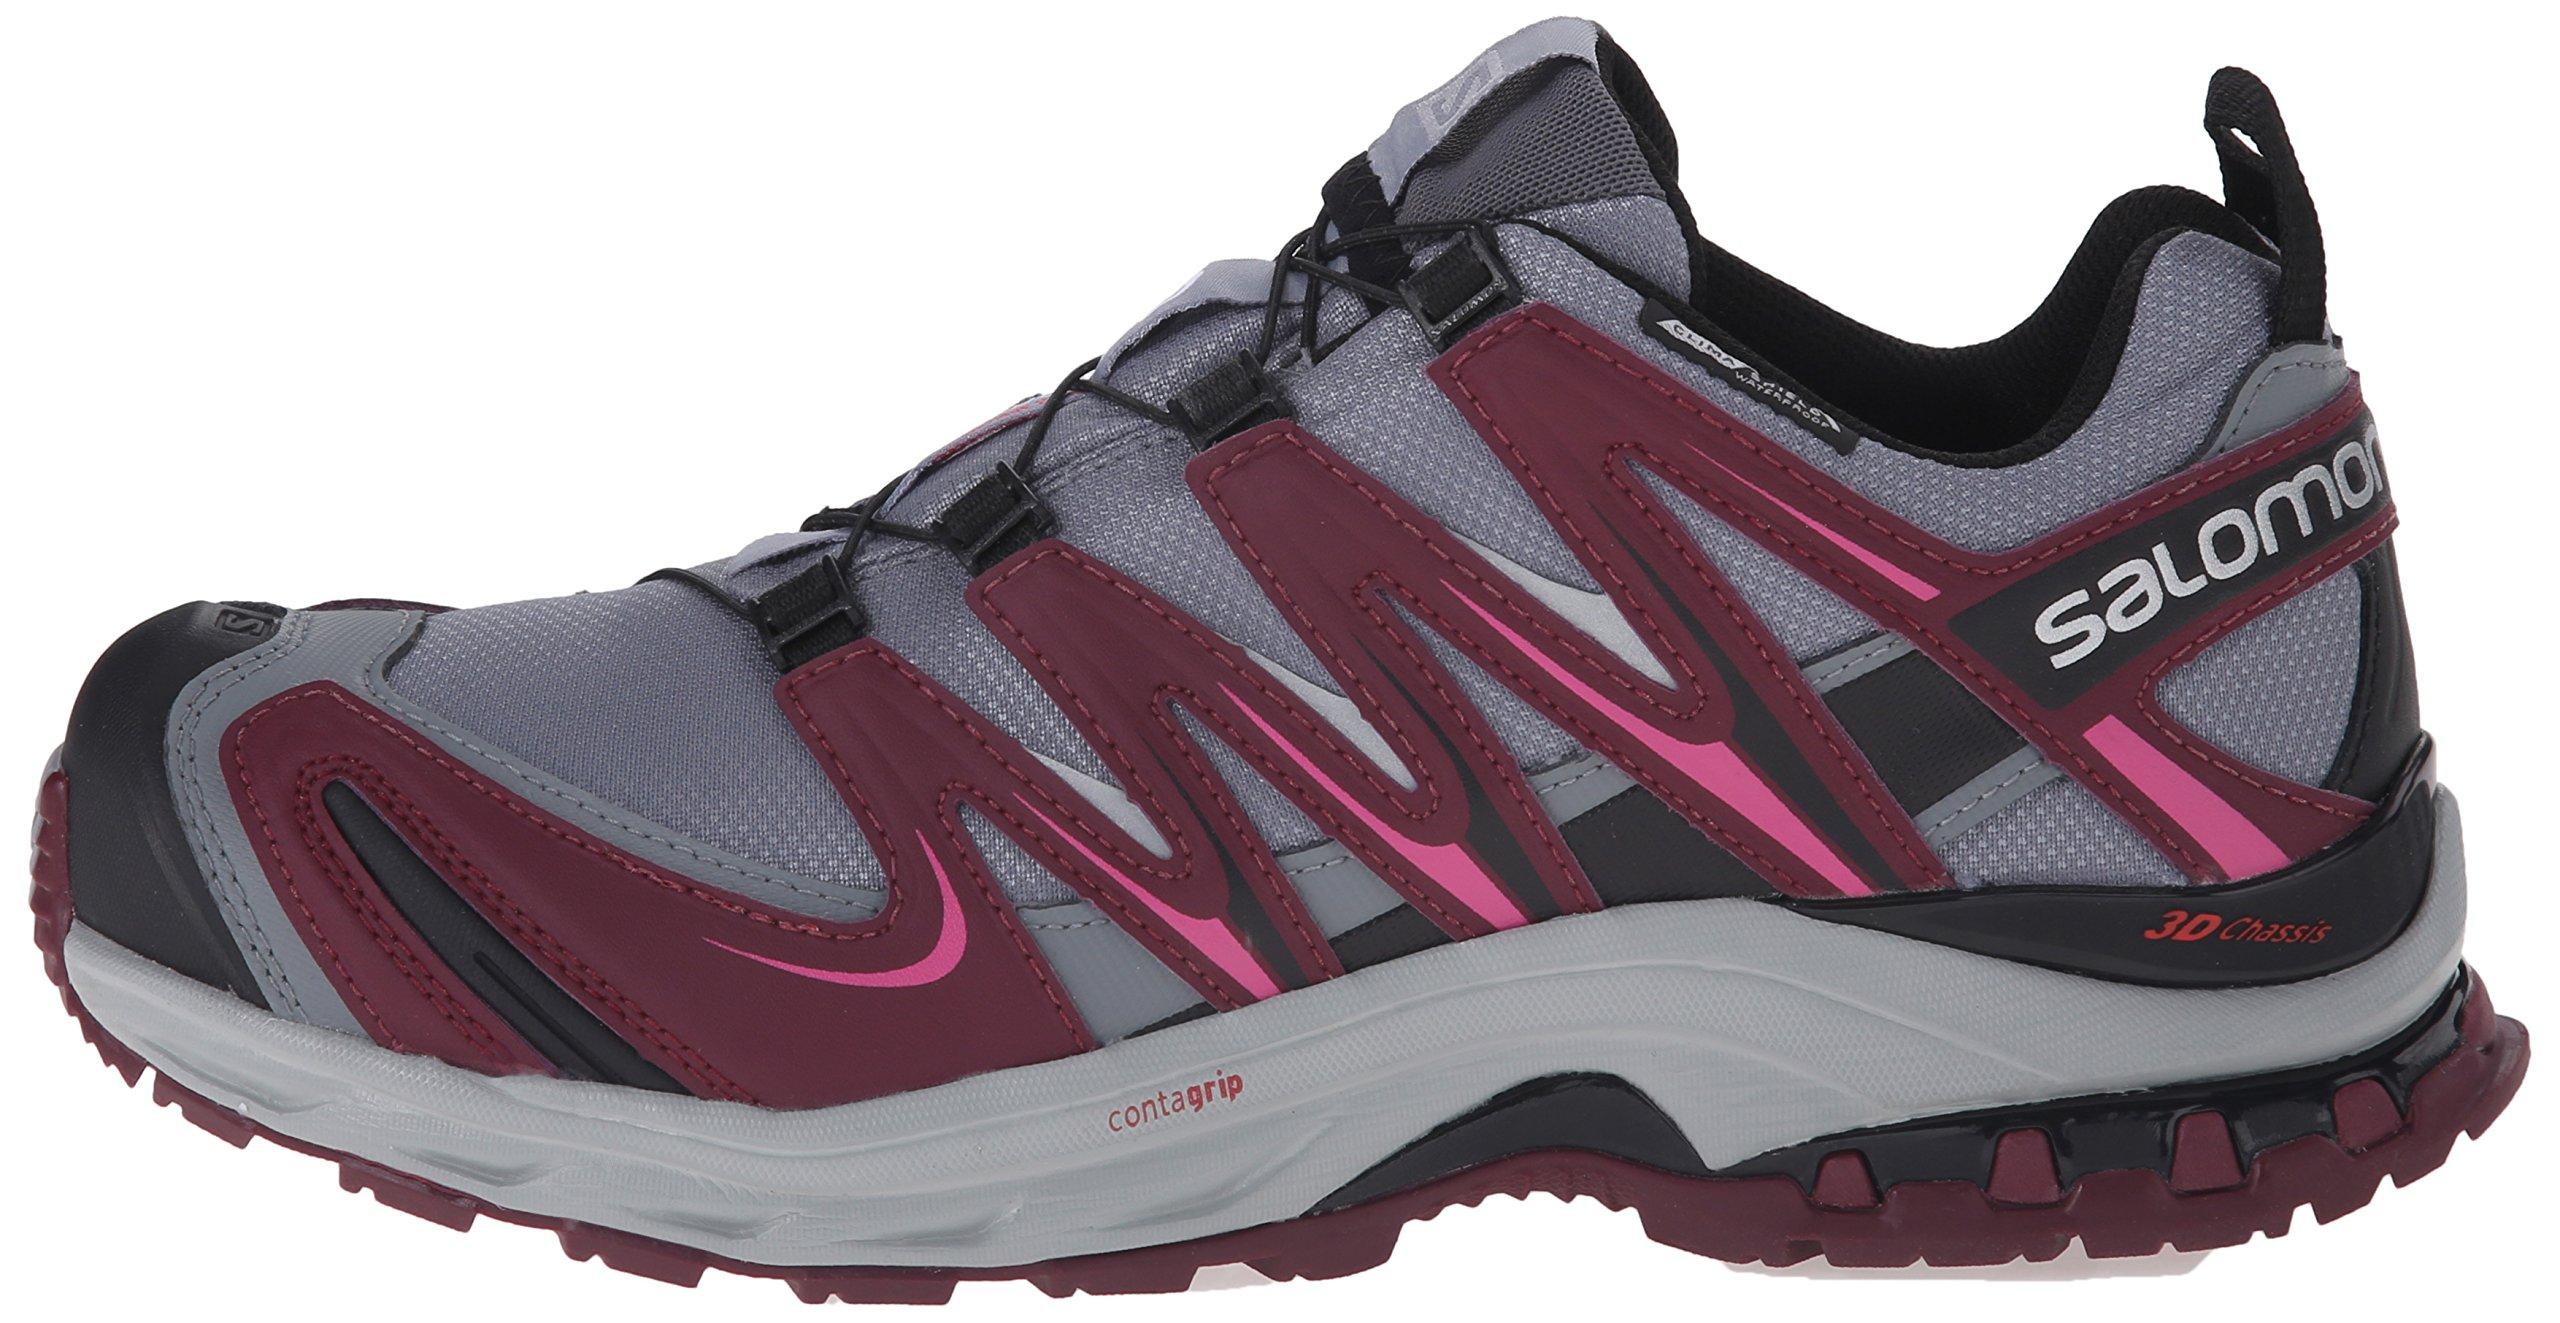 81YrkepM0OL - SALOMON Women's XA PRO 3D CS WP W Trail Runner